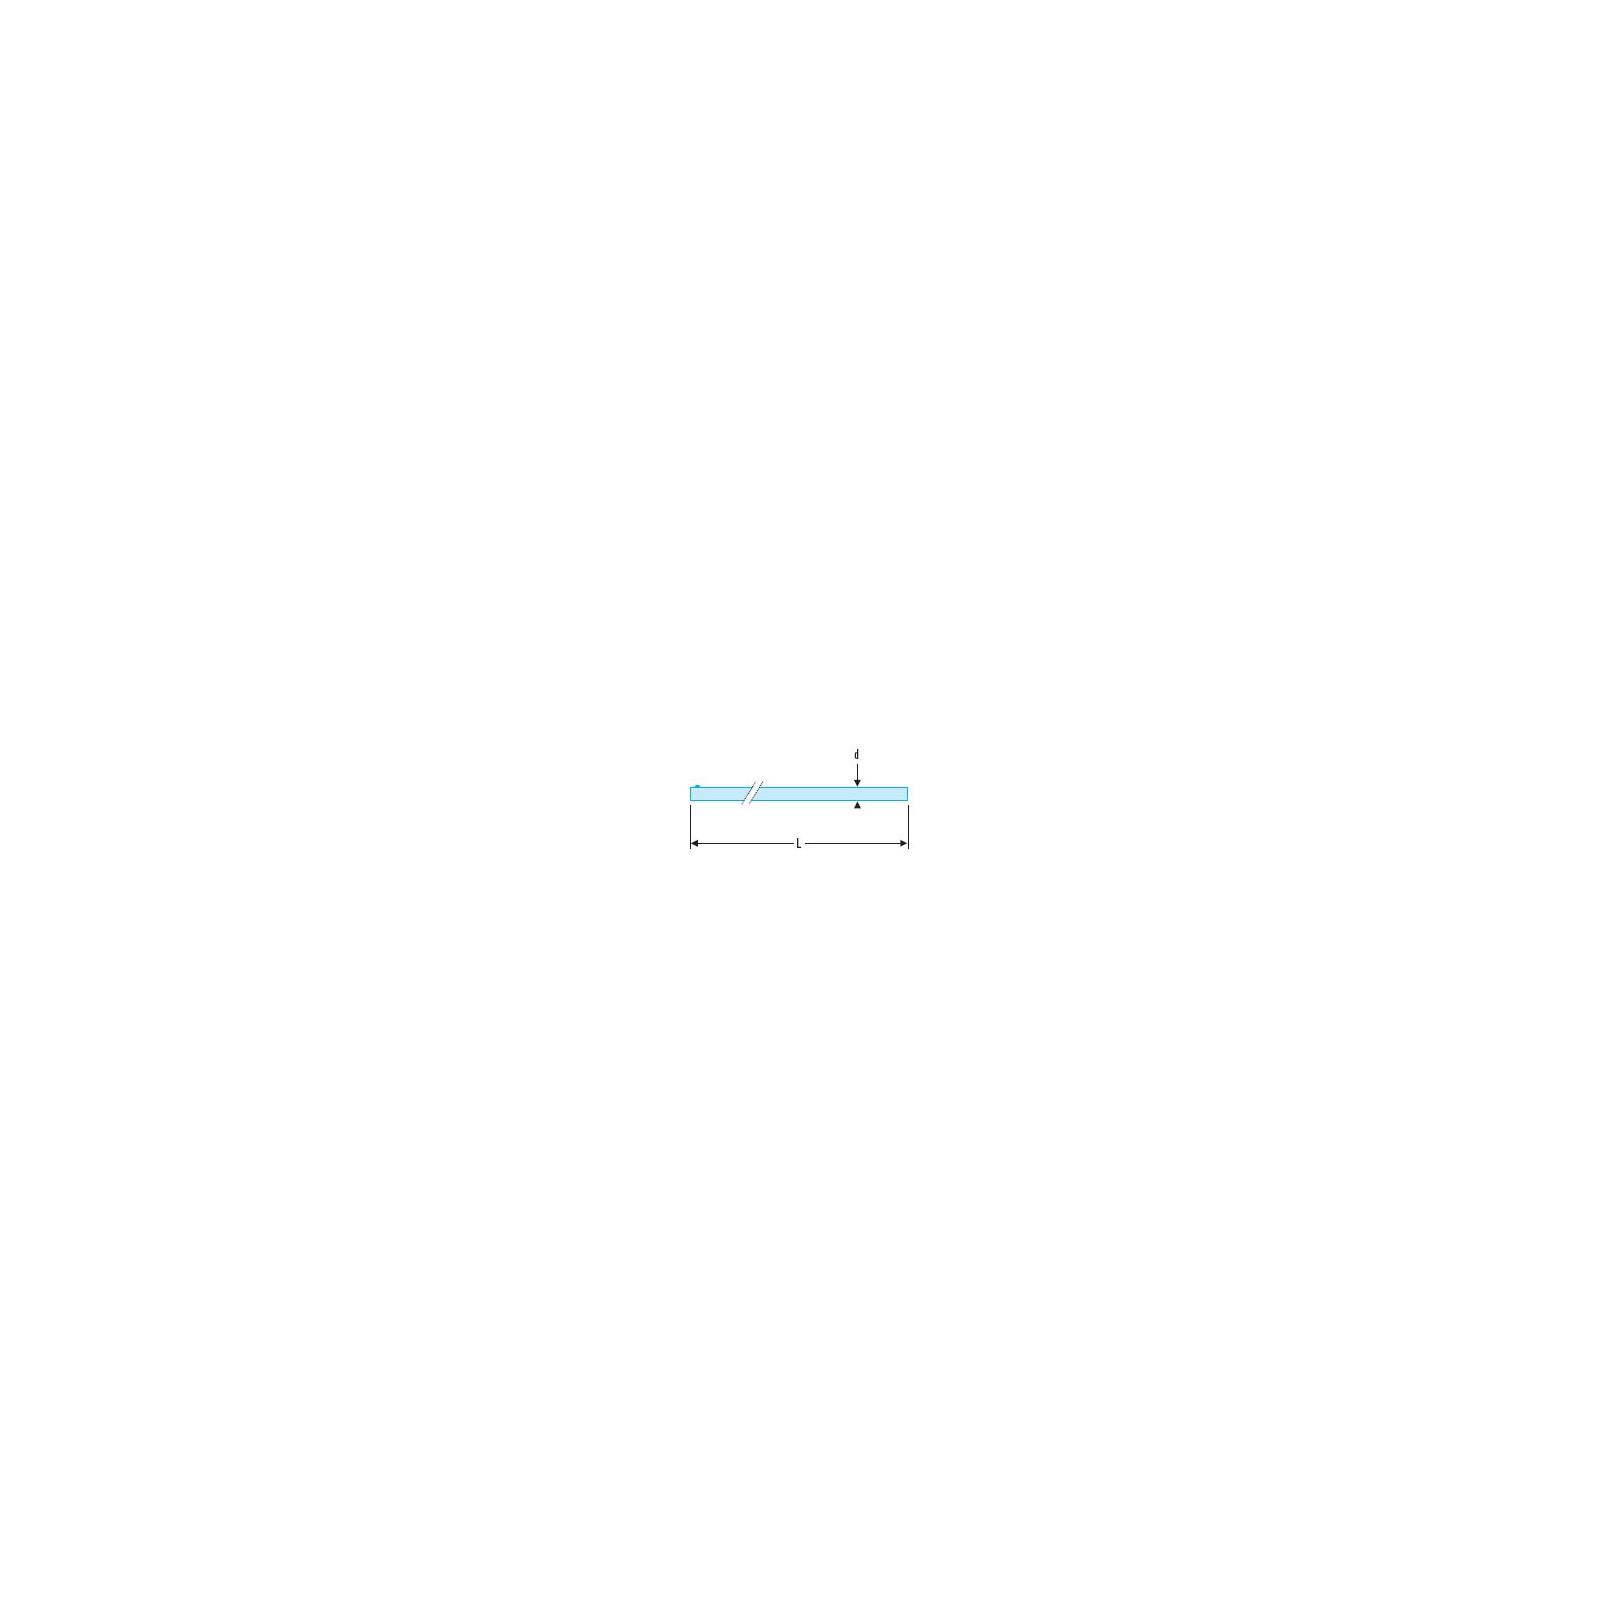 Broche pour cliquet 1' M.151 500 mm - Facom M.125A